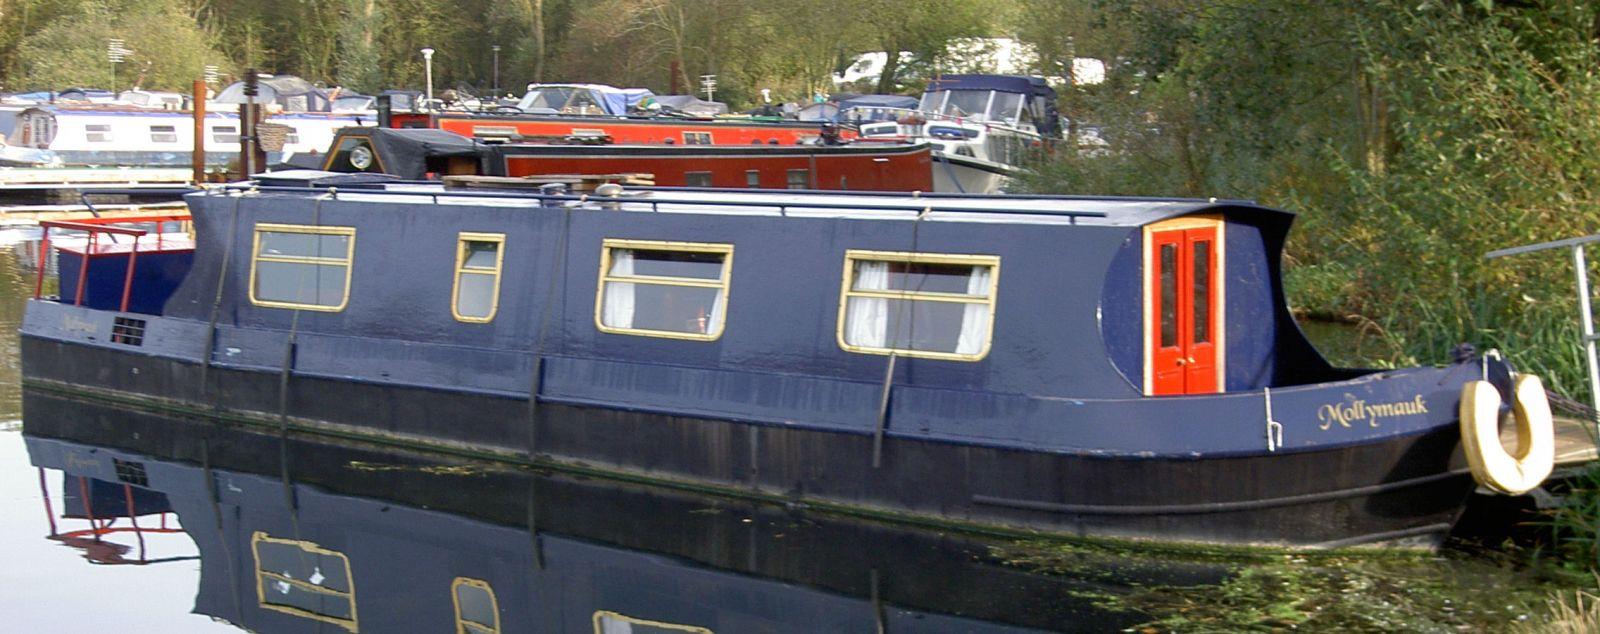 Dummy Narrowboat